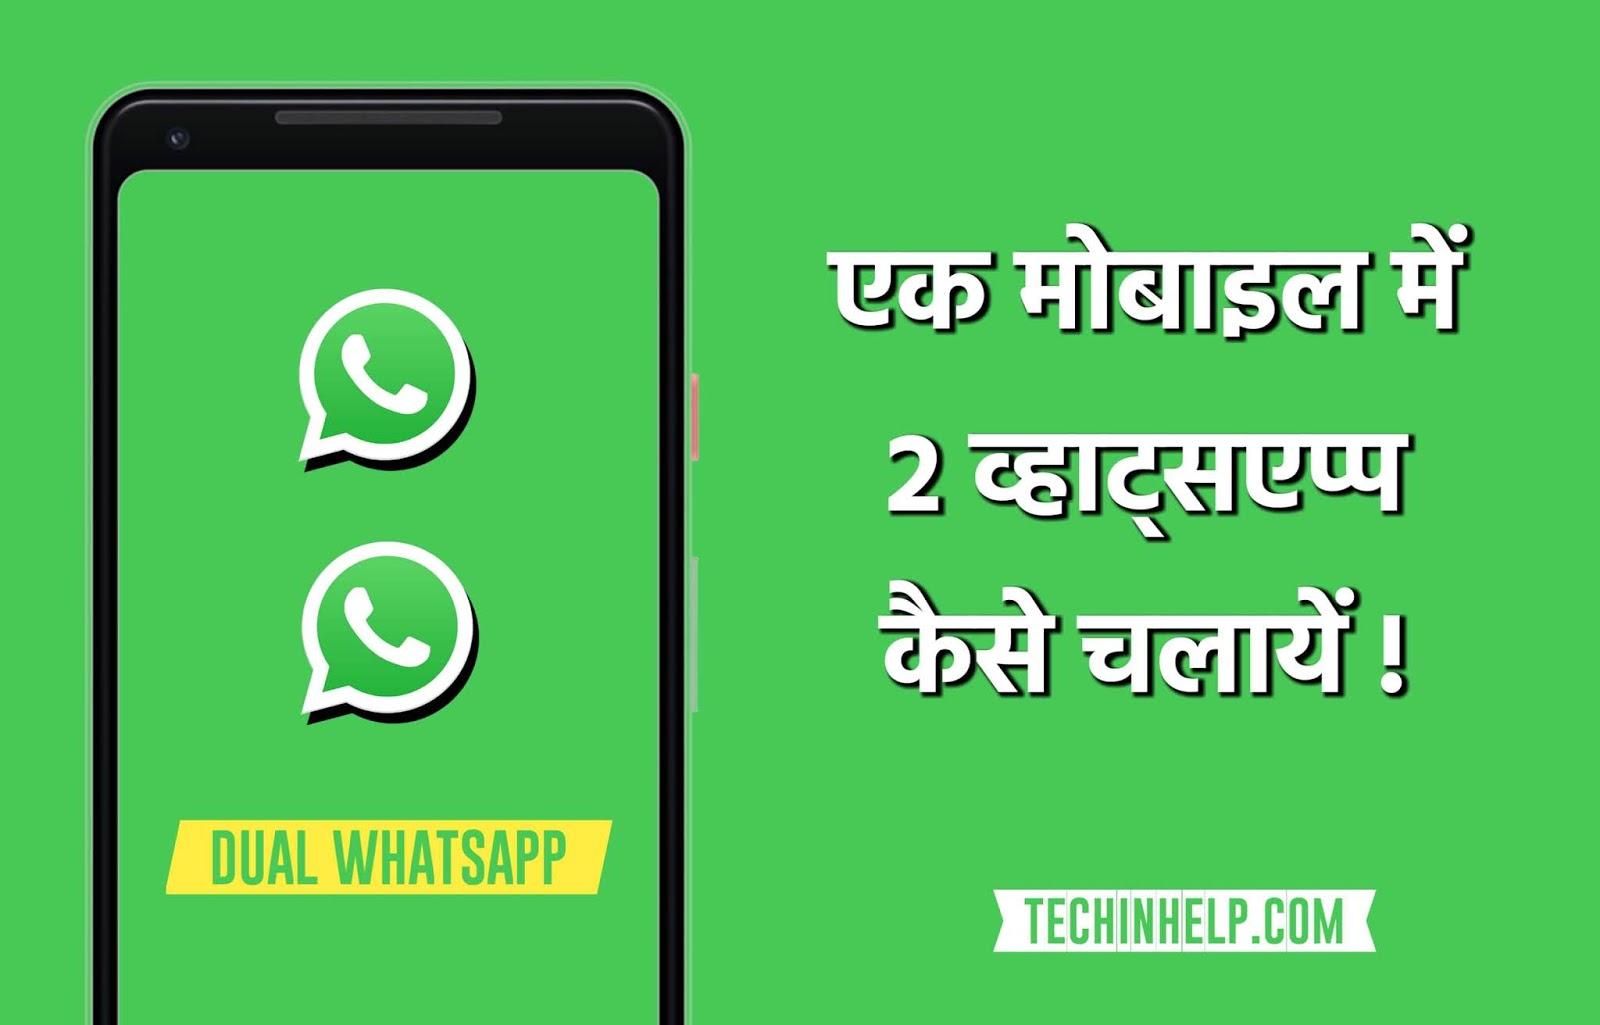 ek-mobile-me-dual-whatsapp-kaise-chalaye